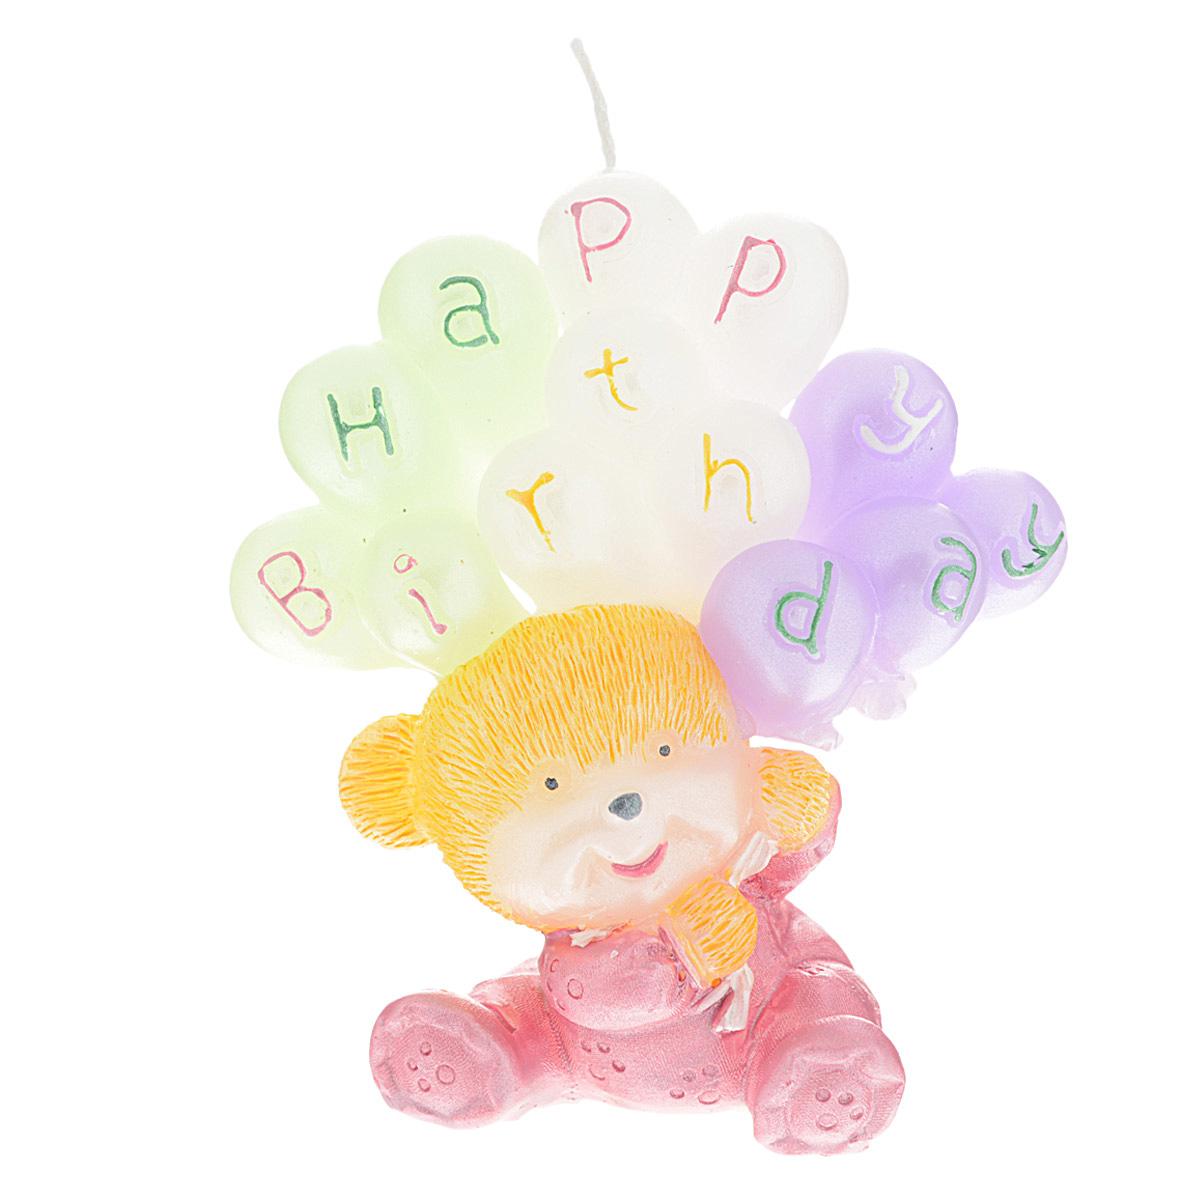 Свеча декоративная Win Max С днем рождения, цвет: розовый, 6 х 6 х 8 см свеча декоративная win max с днем рождения цвет розовый 6 х 6 х 8 см